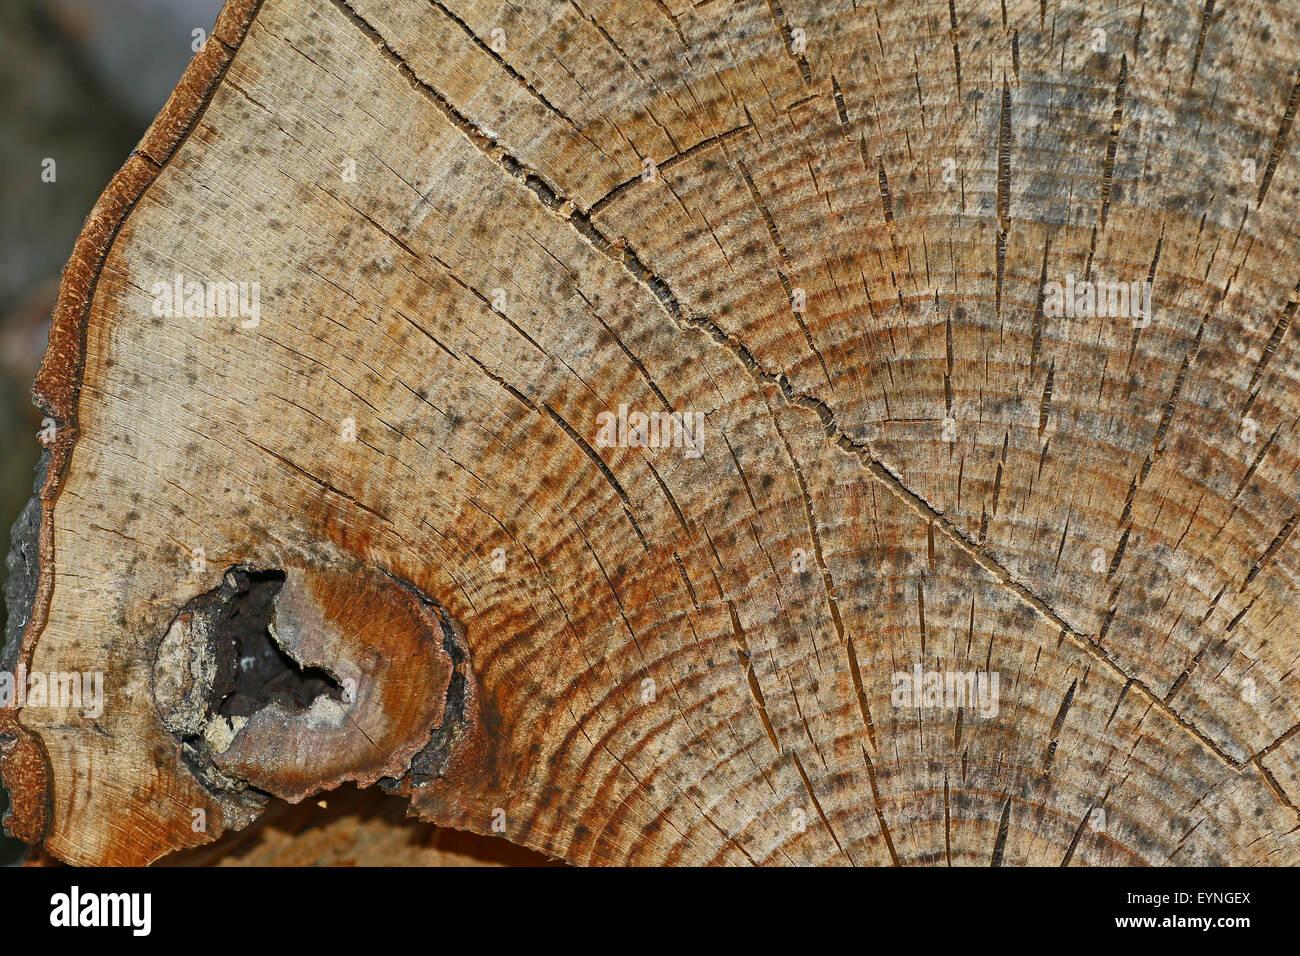 Un único casco, soportó la sección de madera con anillos agrietado y sorprendente textura detallada Imagen De Stock